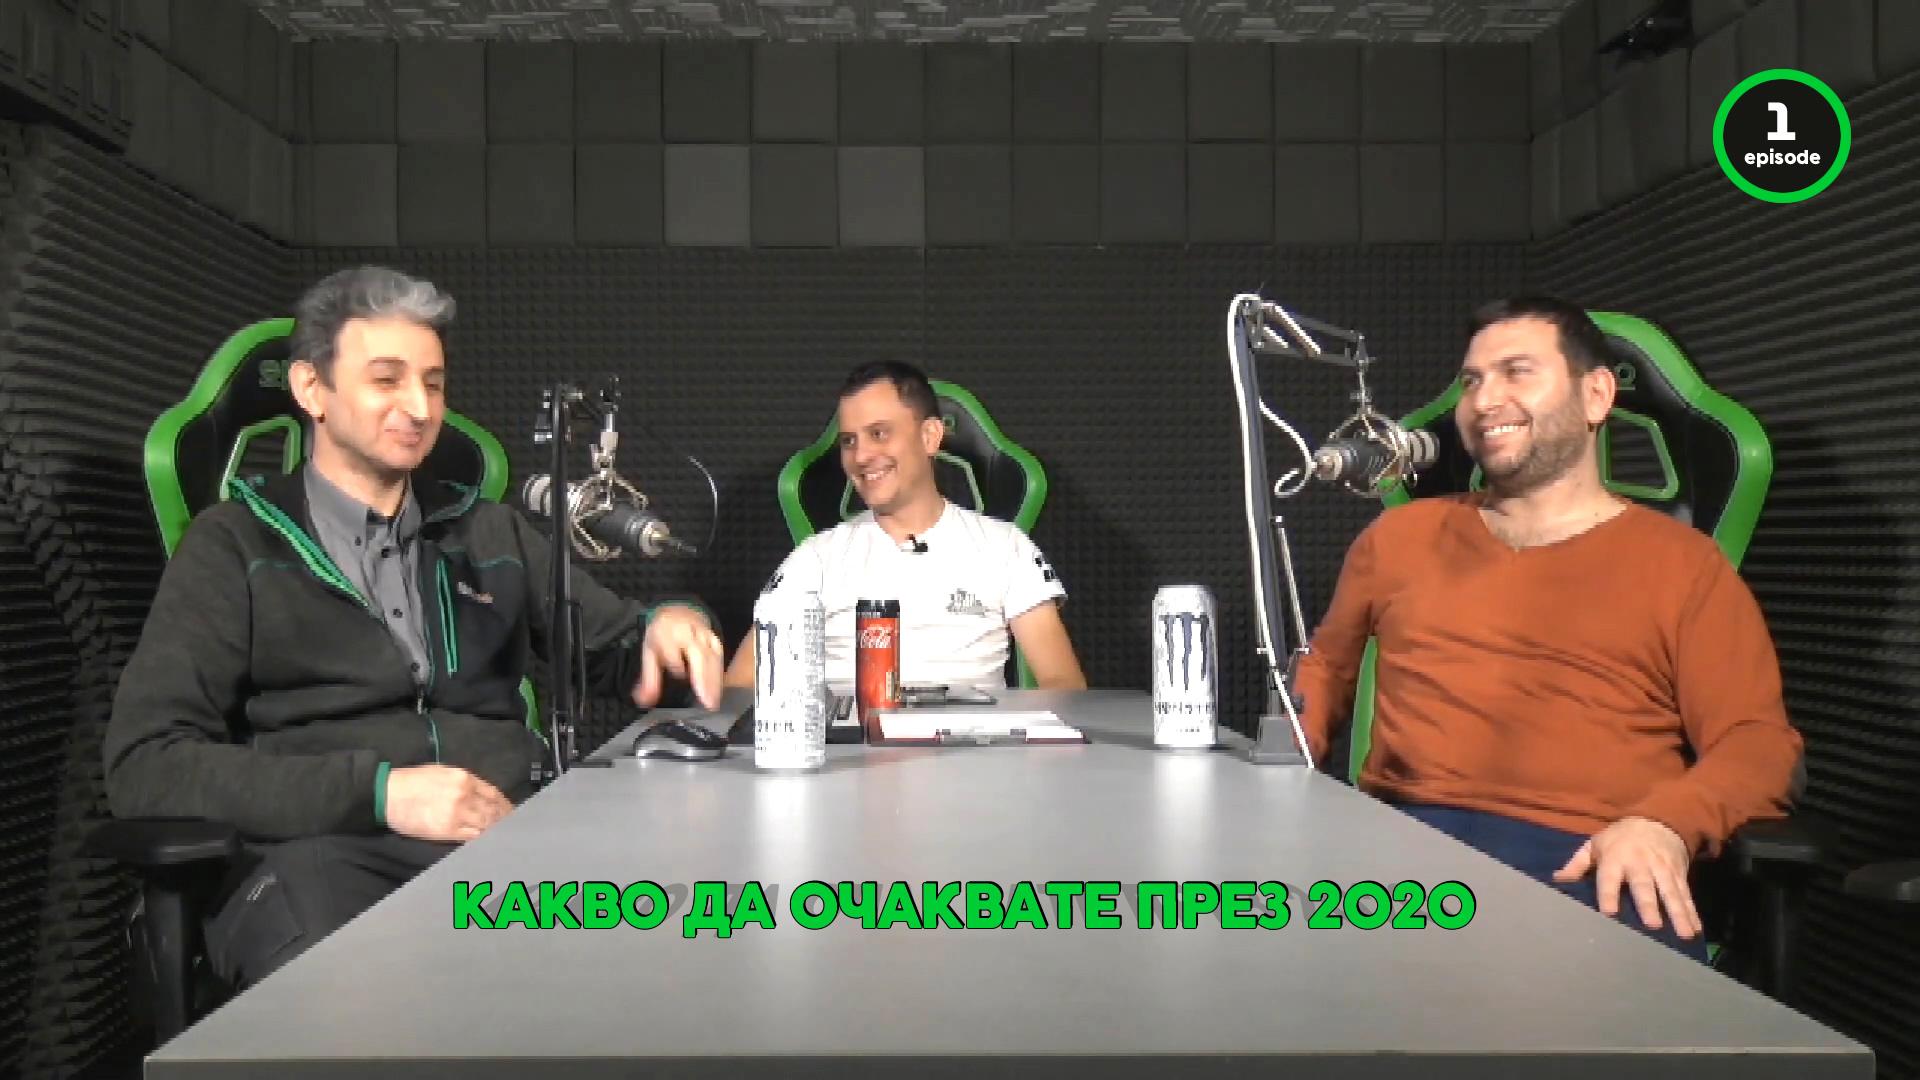 Pitlane.TV Podcast